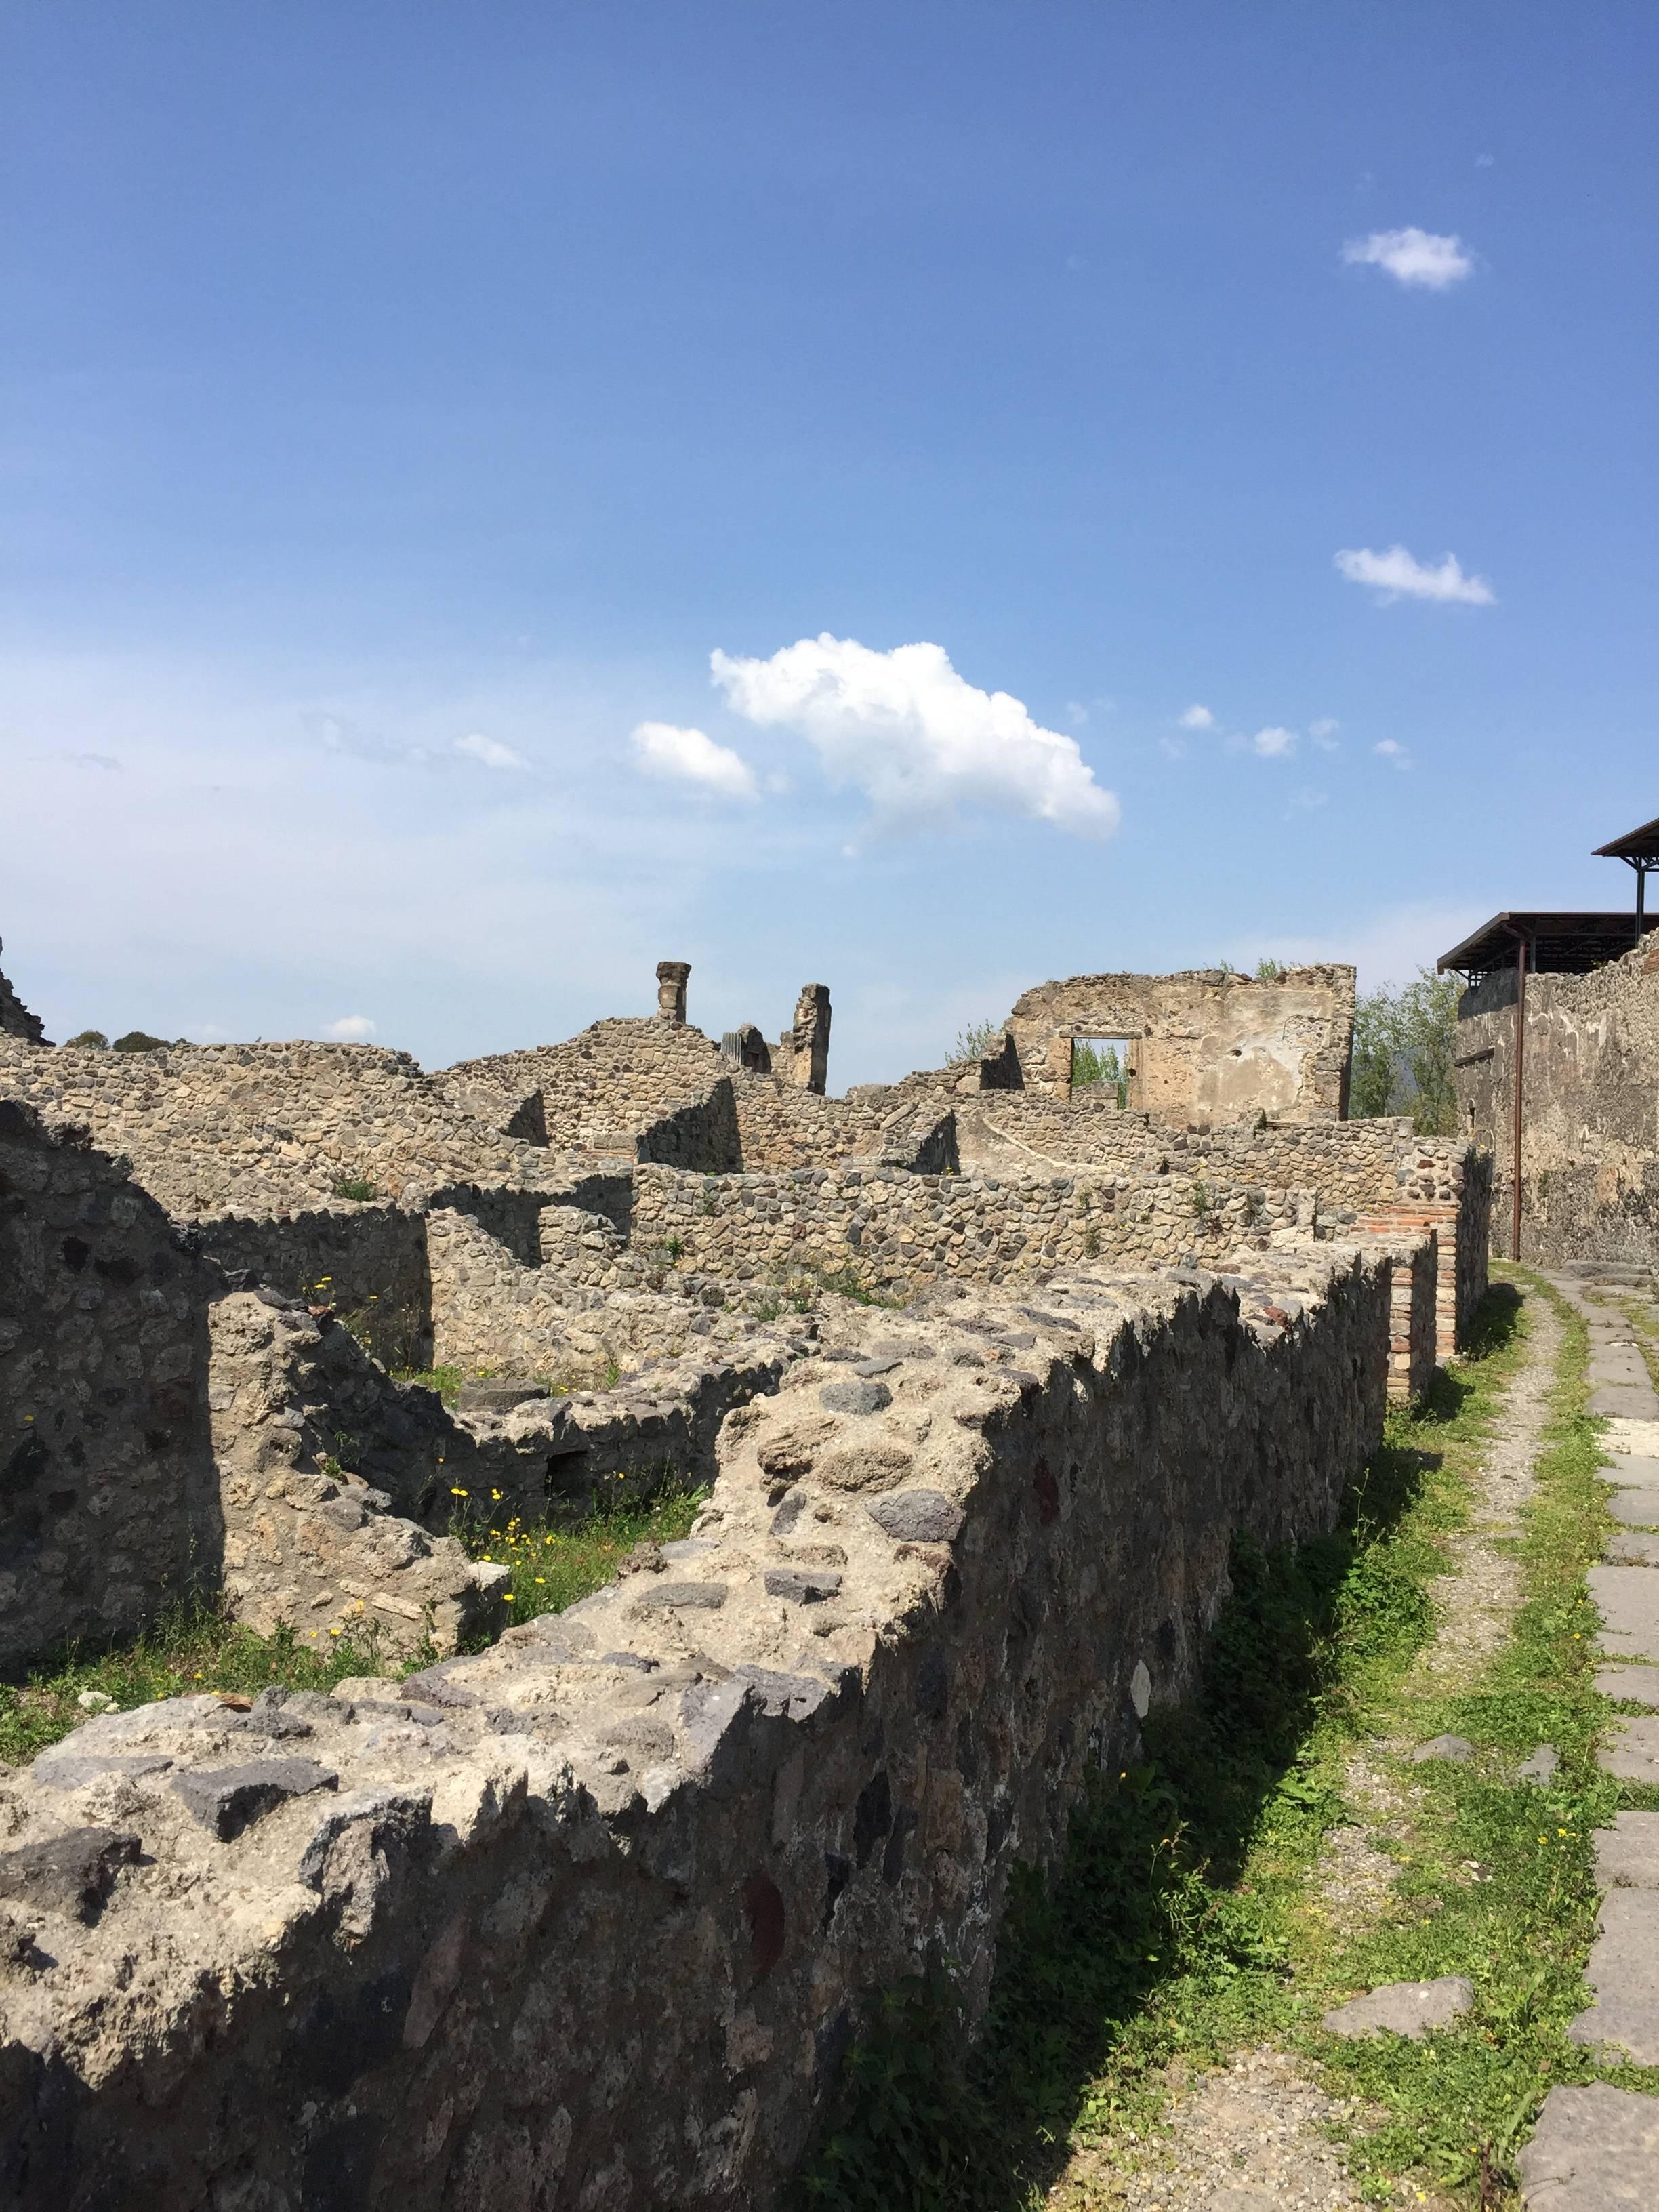 Photo 2: Journée à Pompéi